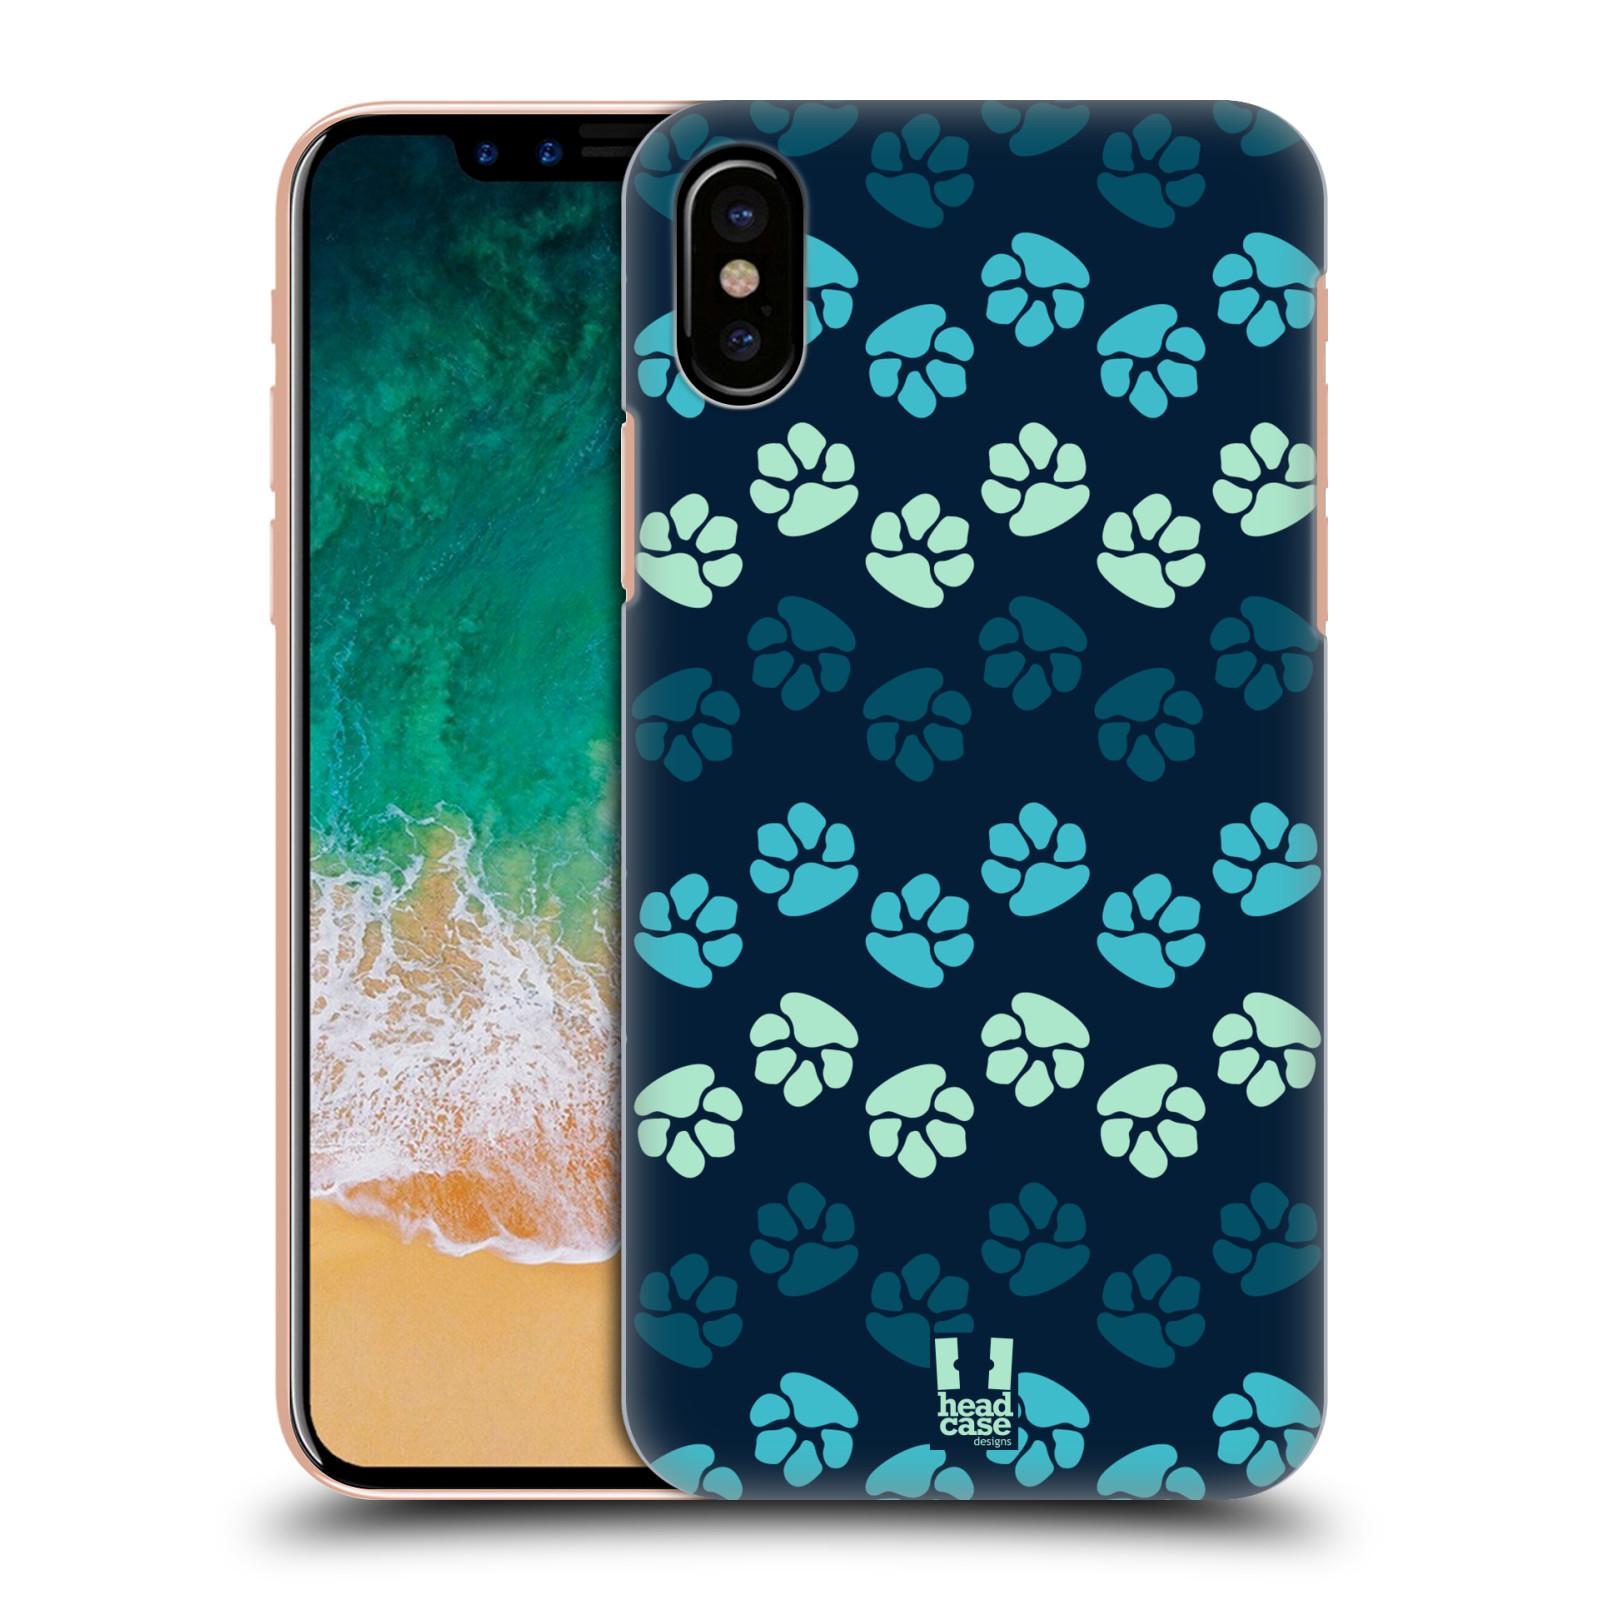 Plastové pouzdro na mobil Apple iPhone X - Head Case - TLAPKY MODRÉ (Plastový kryt či obal na mobilní telefon Apple iPhone X s motivem TLAPKY MODRÉ)